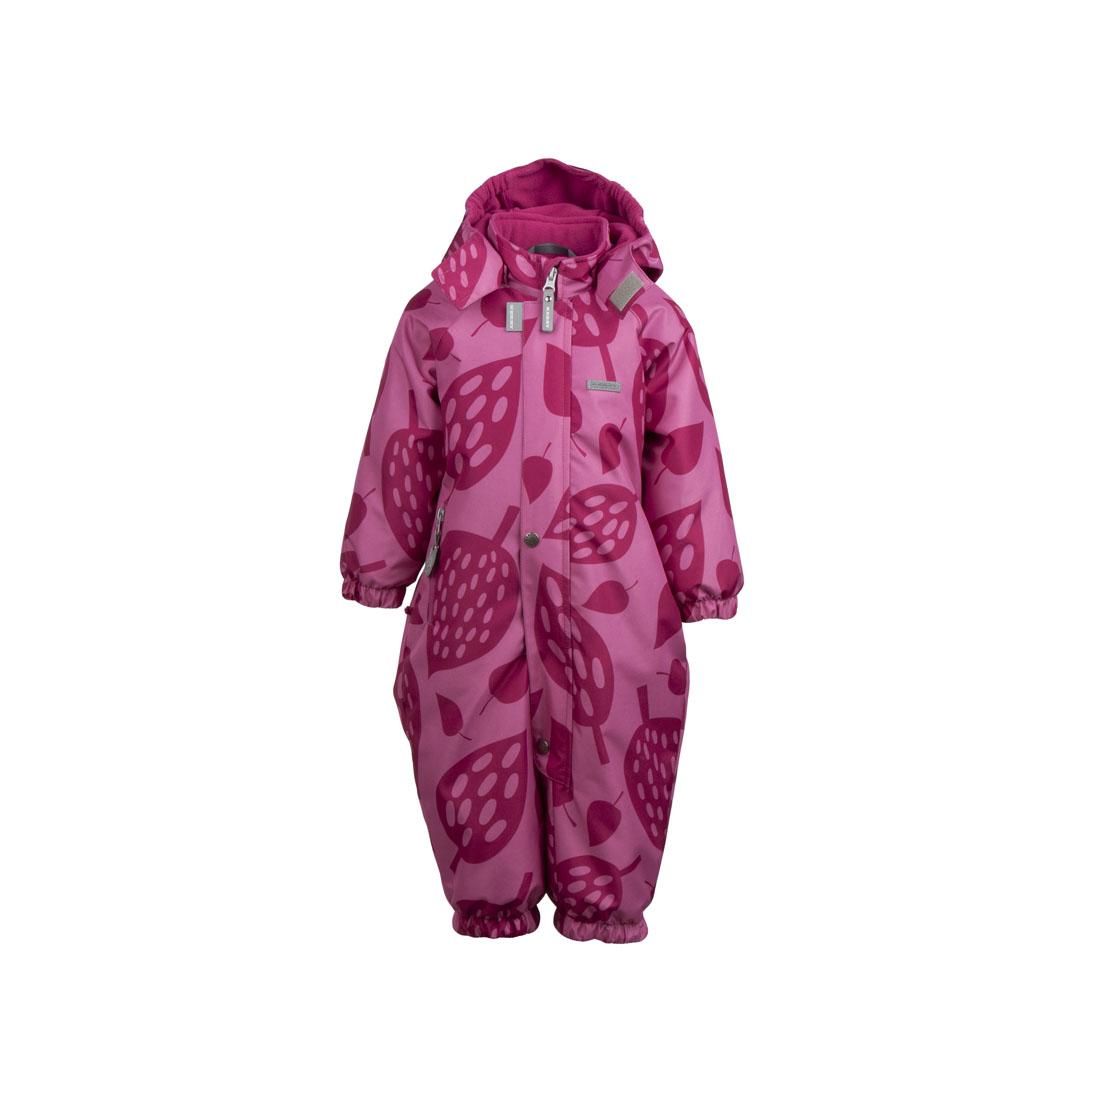 Купить Комбинезон для девочек KERRY FIONA K20004, размер 86,